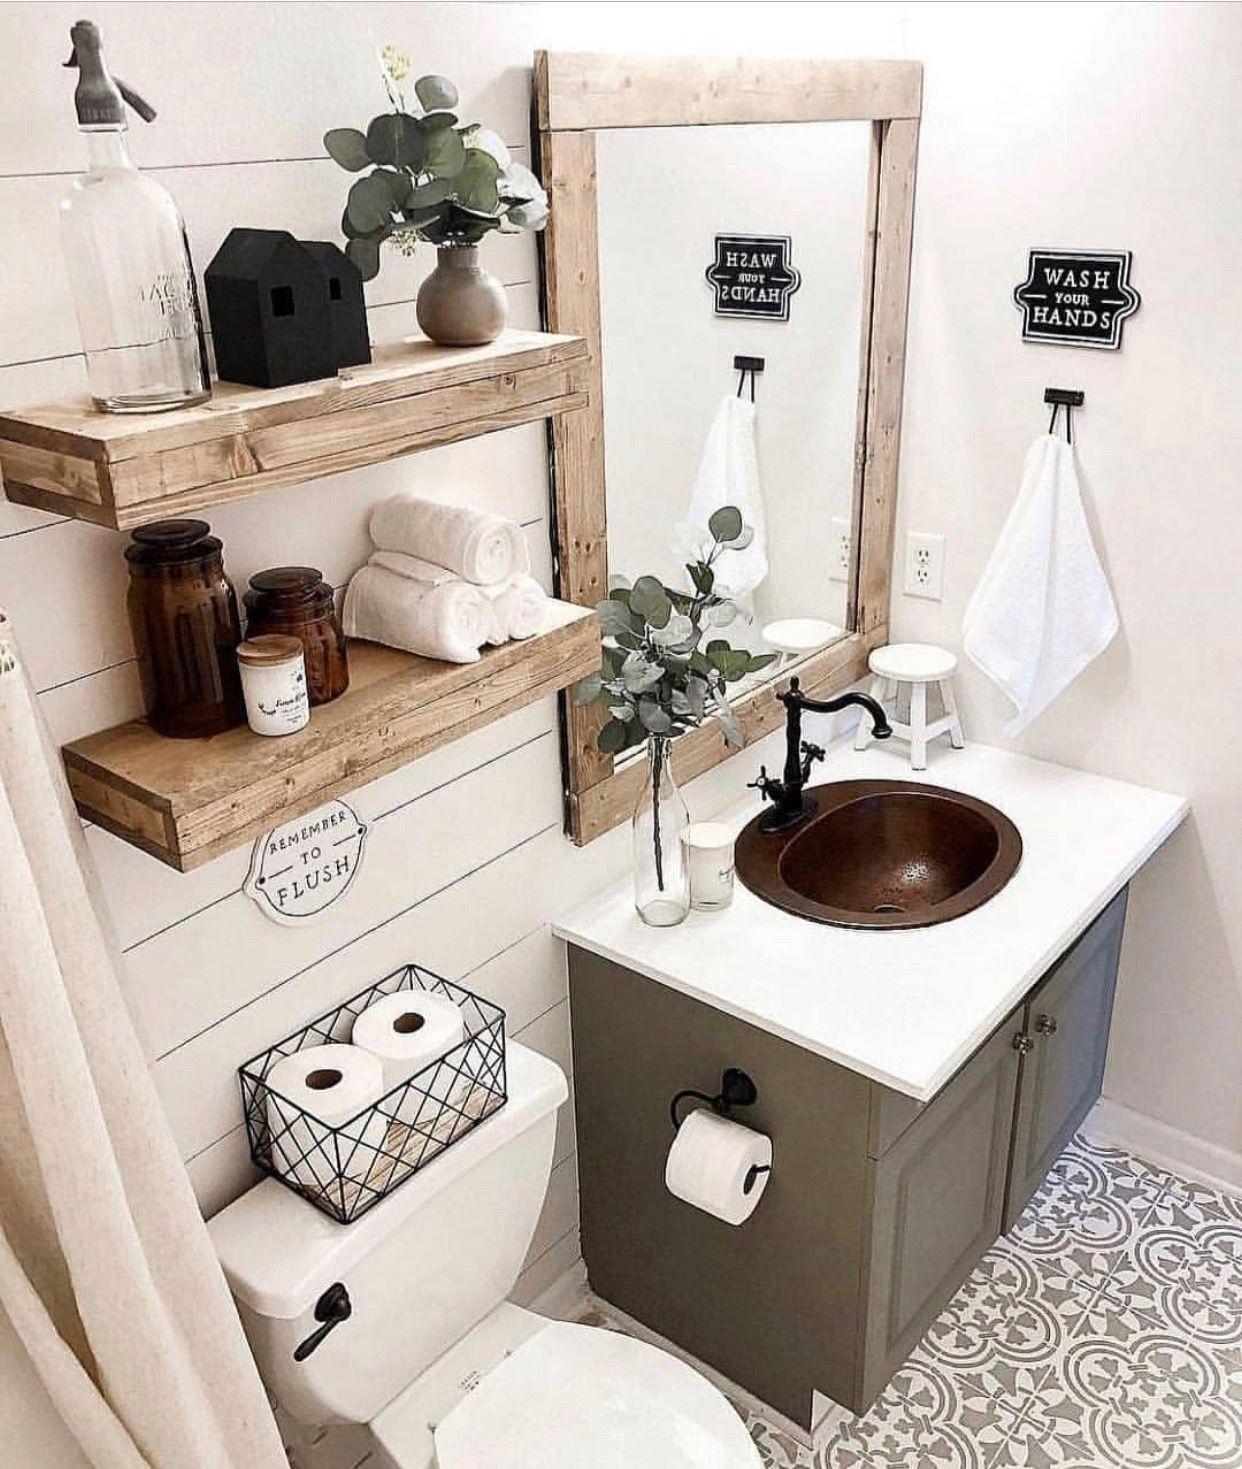 Pin By Michele Gicopoulos On Farmhouse Ideas Small Bathroom Decor Bathroom Decor Home Decor